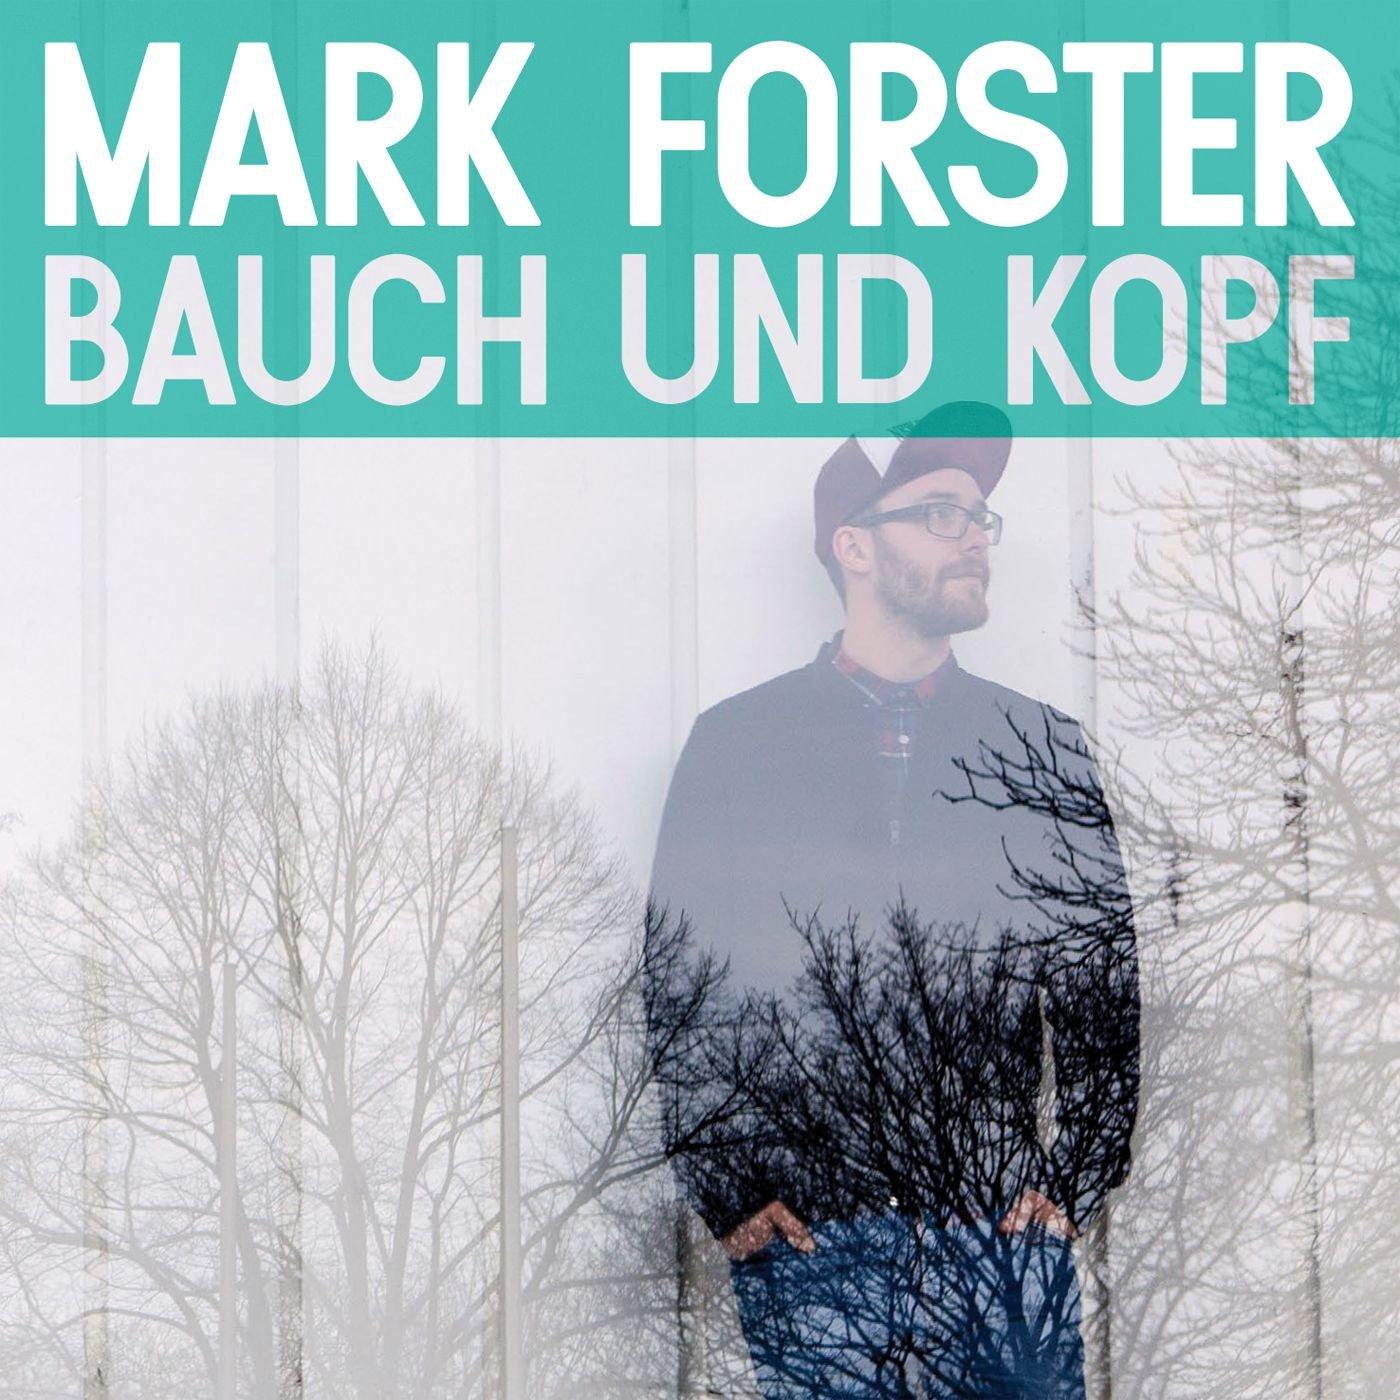 mark forster single cd)